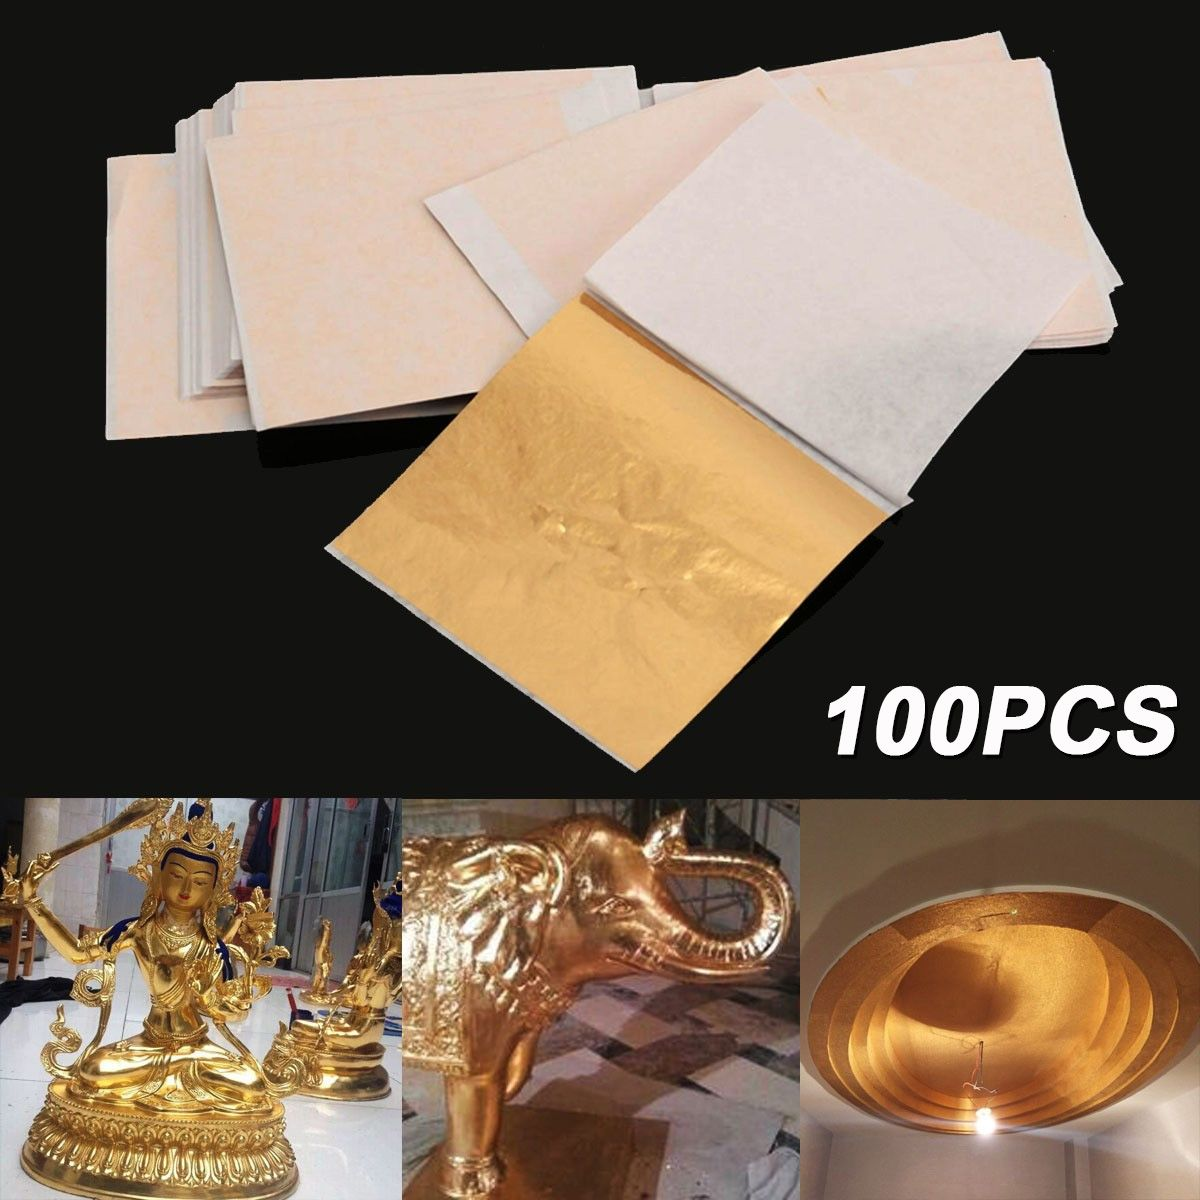 100 Sheets Set Gold Foil Leaf Aluminum Leaf Gilding Handicrafts Decorative Craft Paper Diy Decoration For Furniture 8x8 5cm